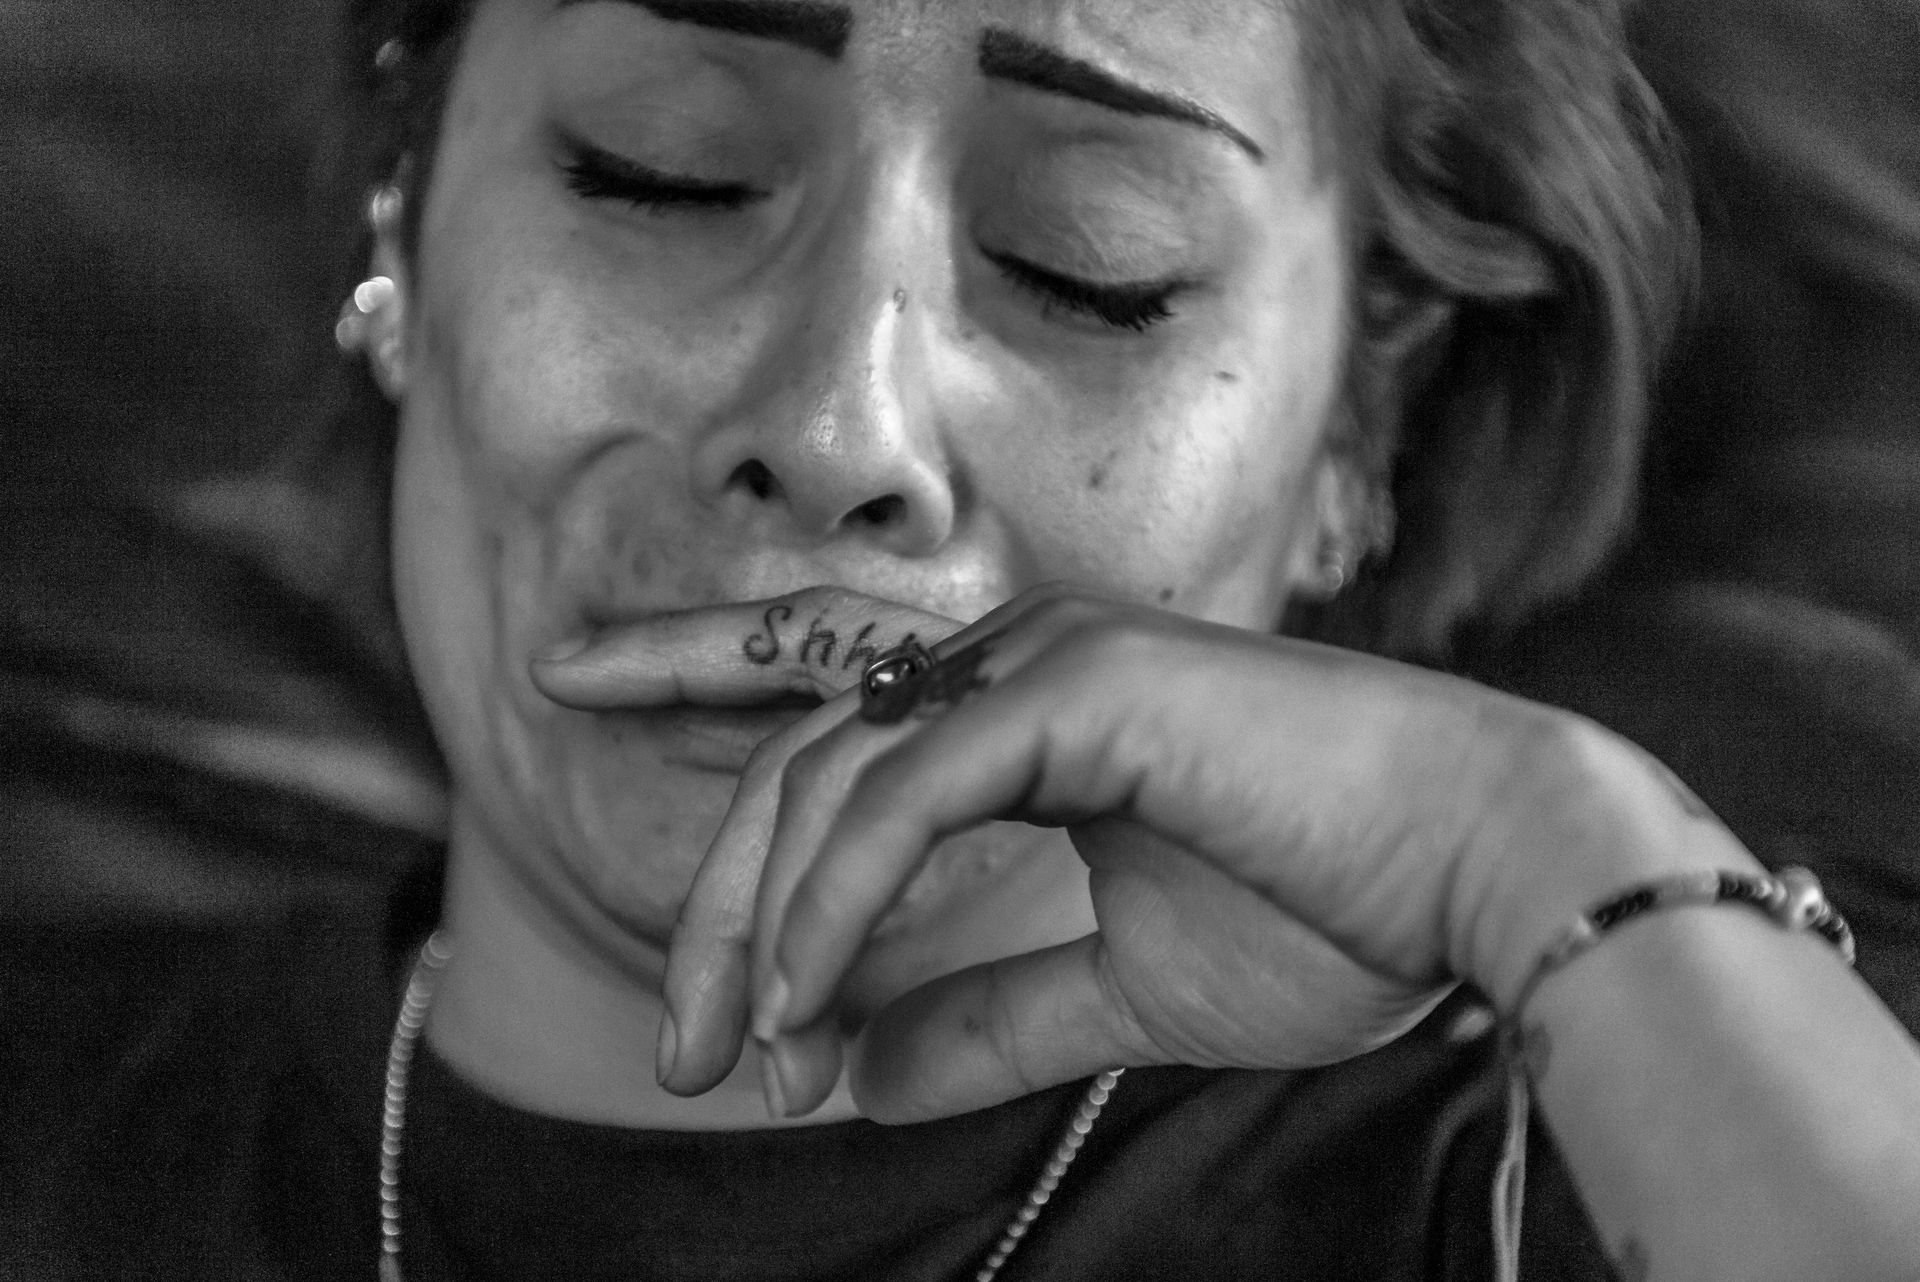 Missing in Action: Homeless Women Veterans - 7